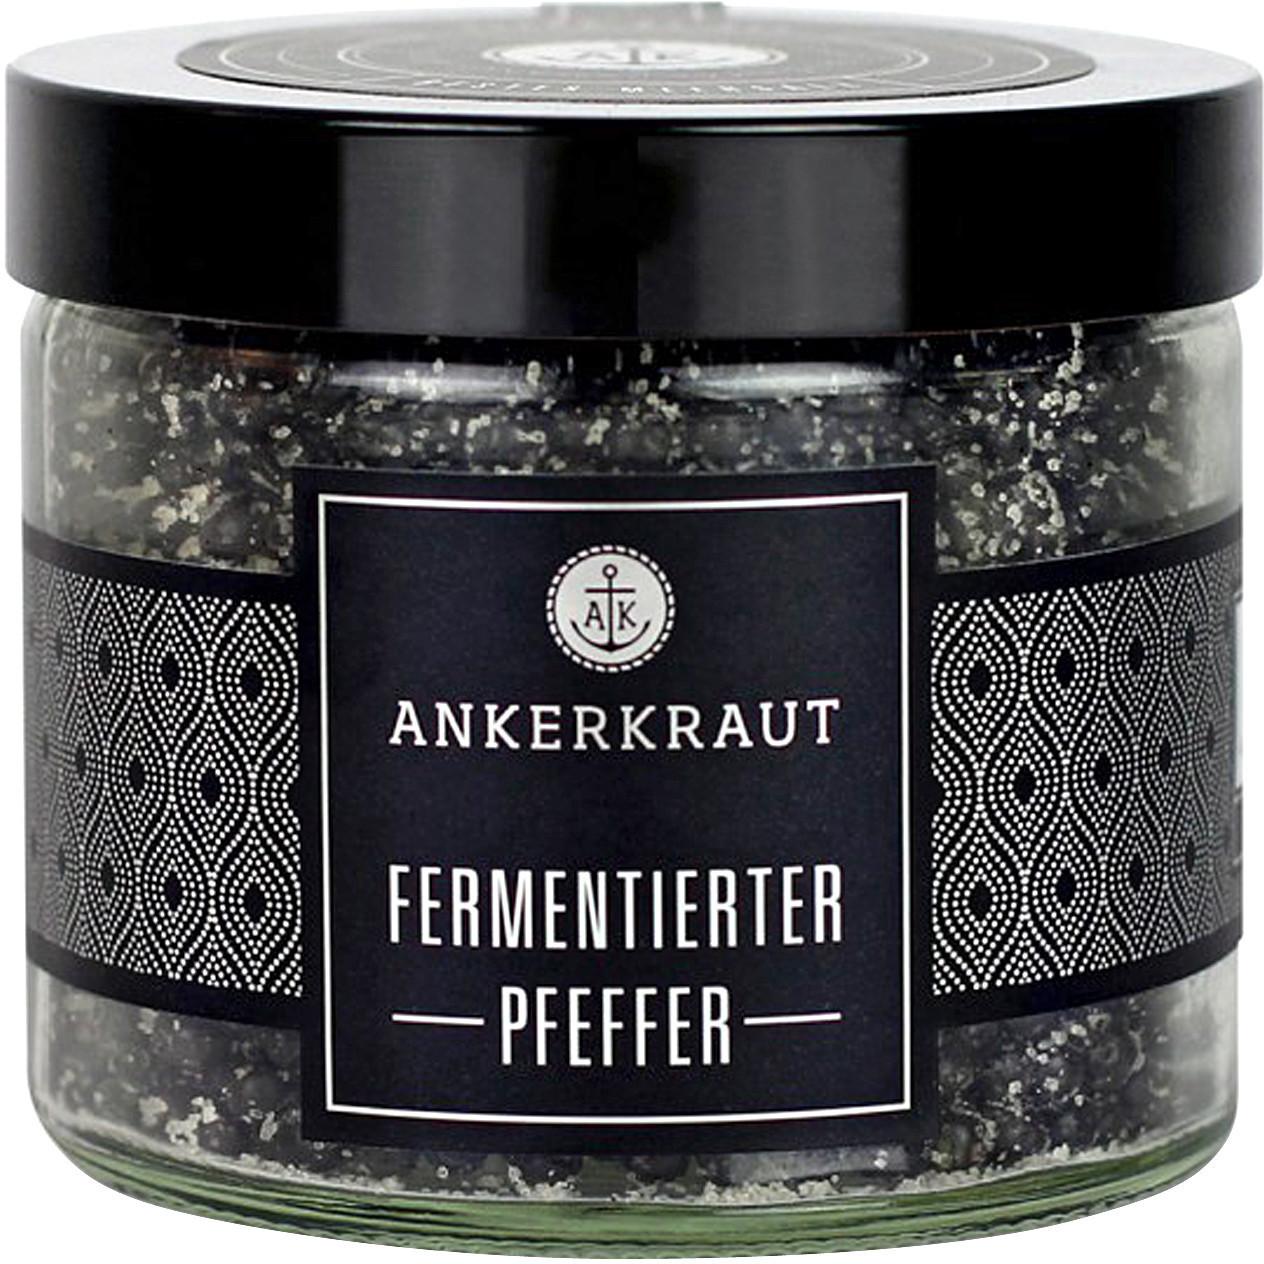 Ankerkraut Fermentierter Pfeffer (150g)